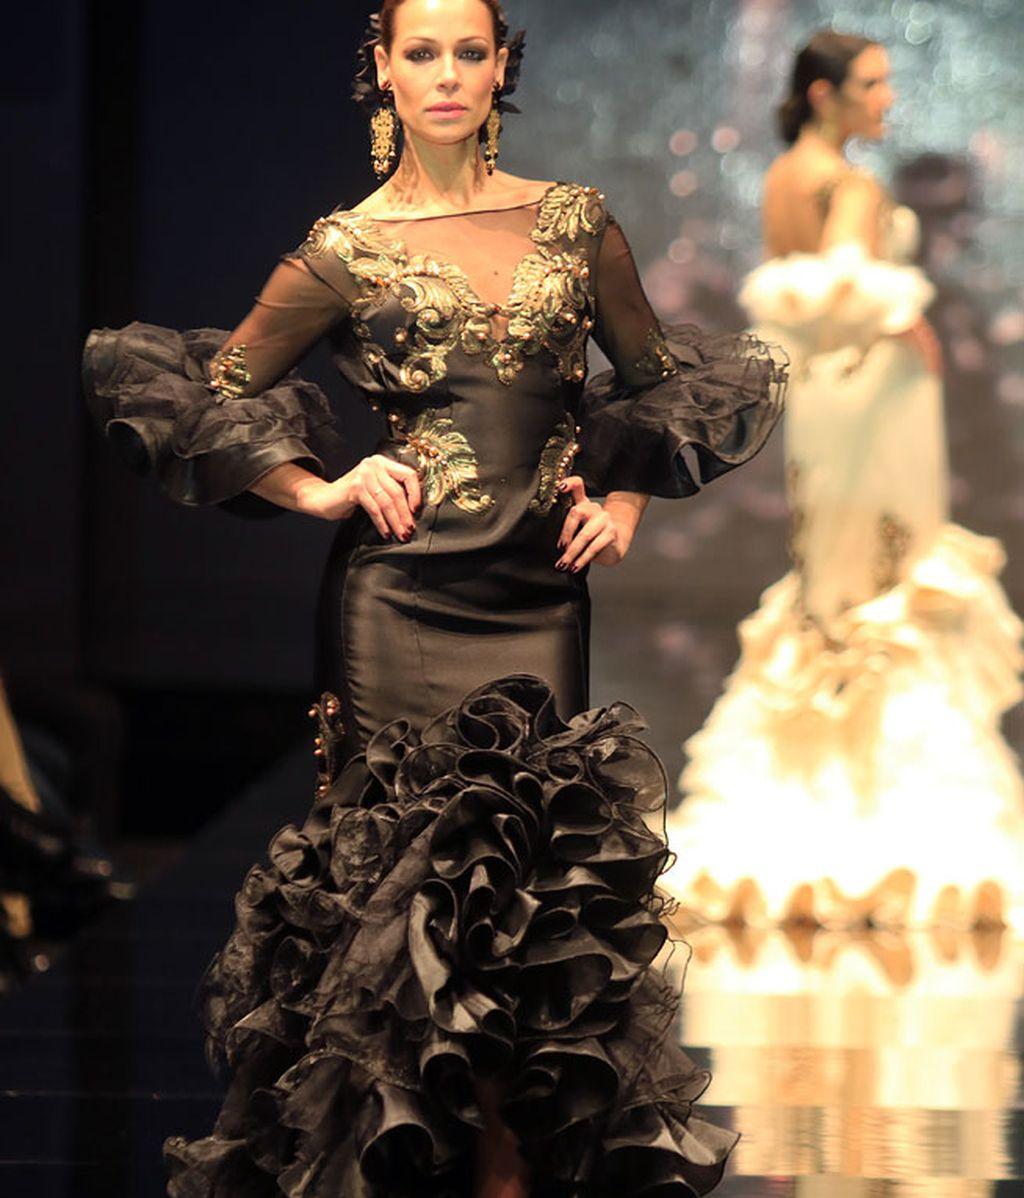 Ha desfilado con varios trajes de flamenca en la pasarela Simof (Sevilla)